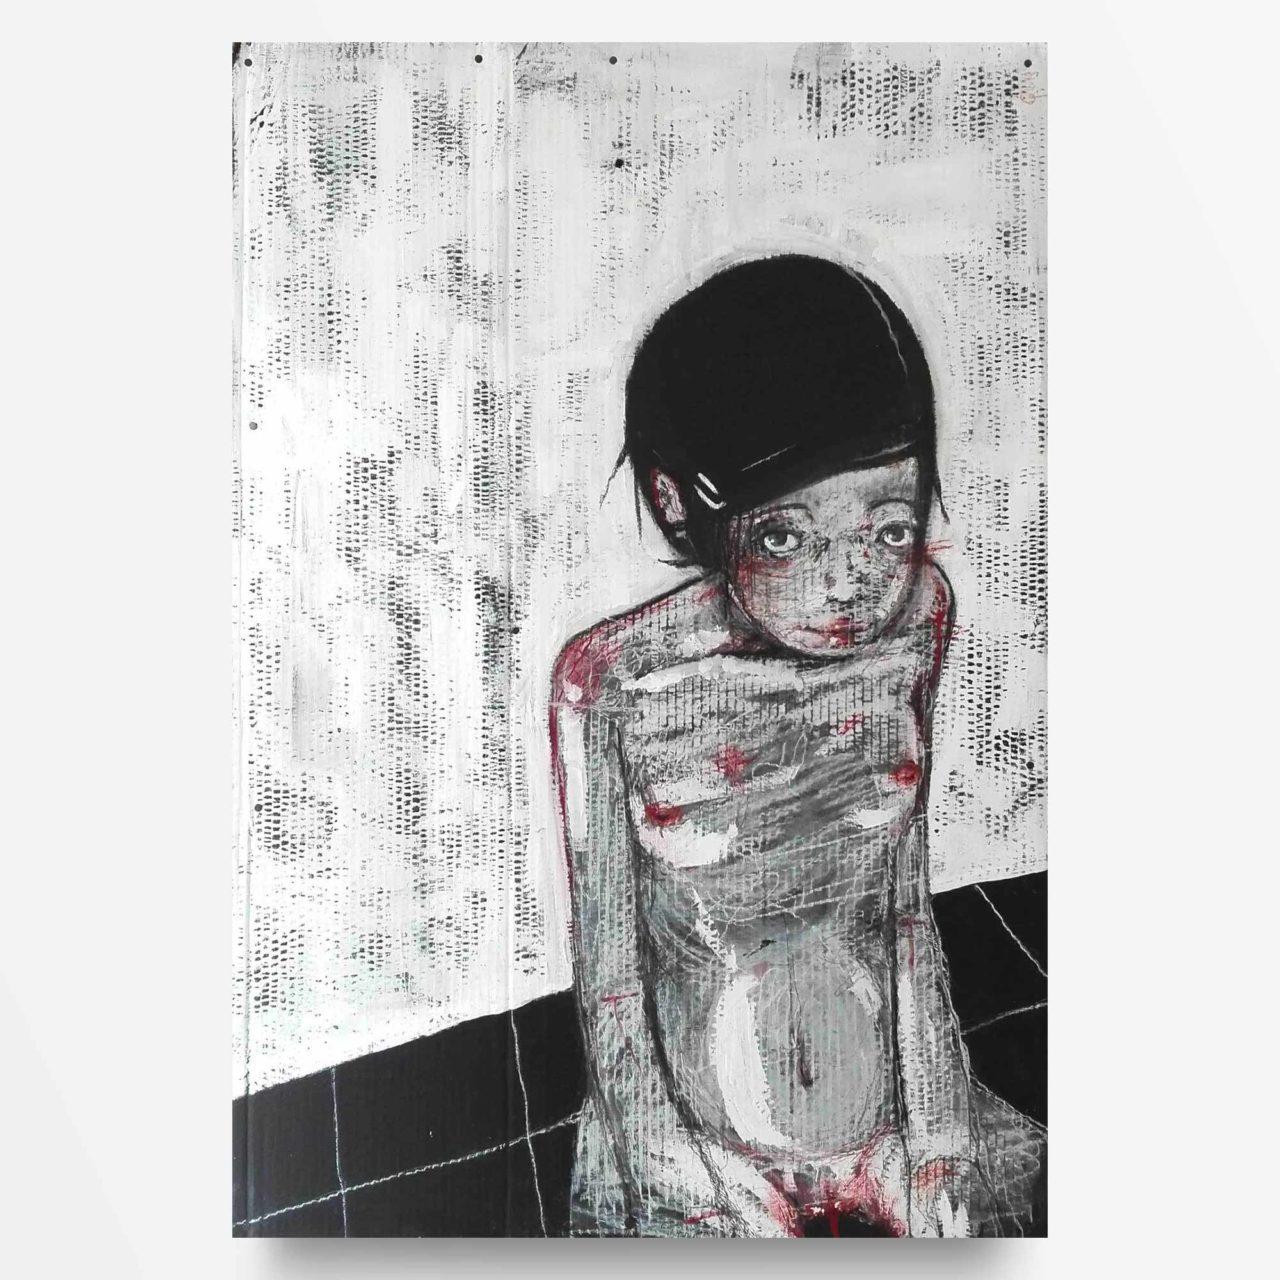 2013 Ragazza a terra, quadro ad acrilico di Diego Gabriele